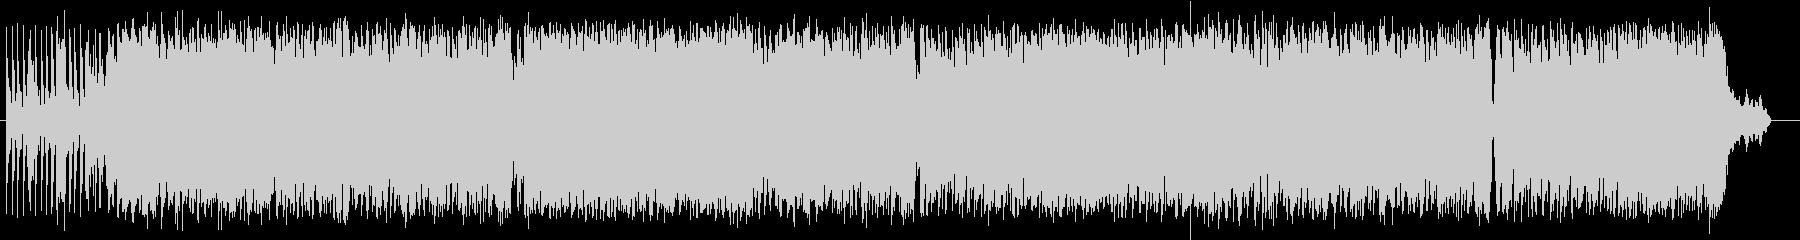 ドラムで始まる勢いのあるロックの未再生の波形